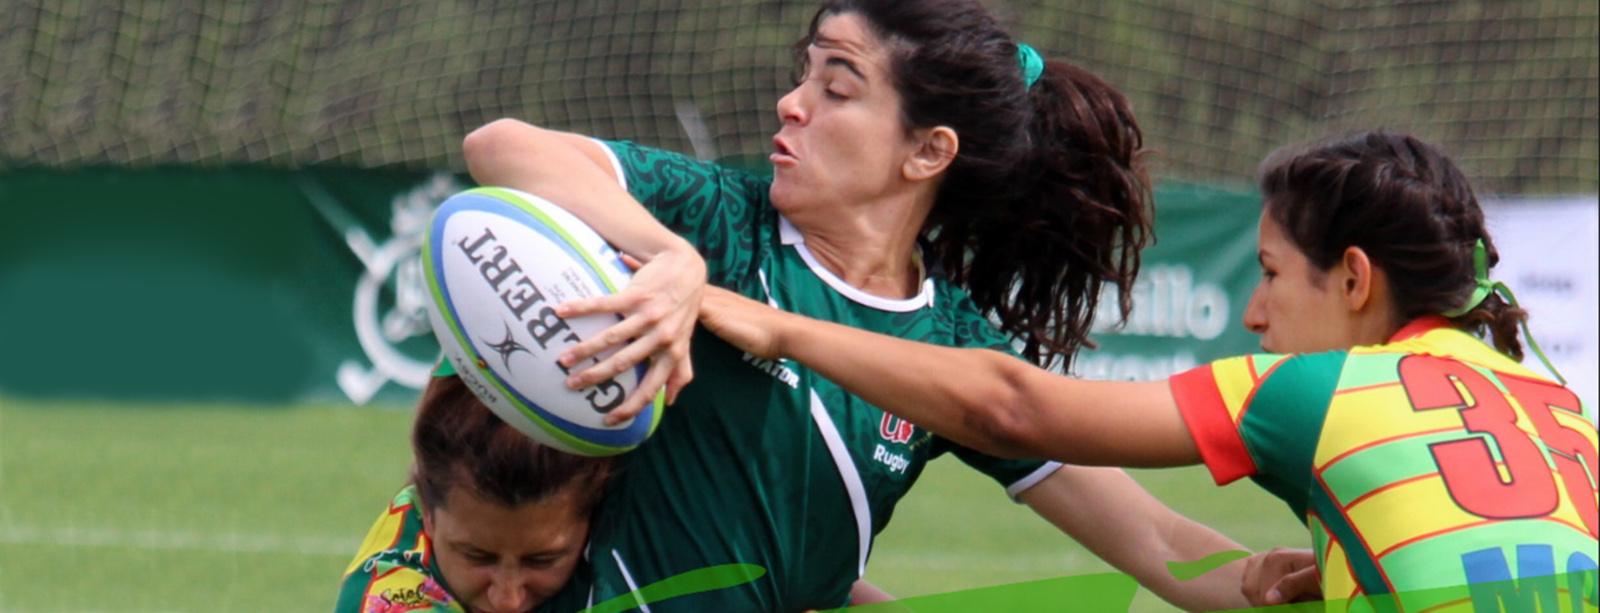 Encuentro de Rugby Seven Femenino en Yuncos